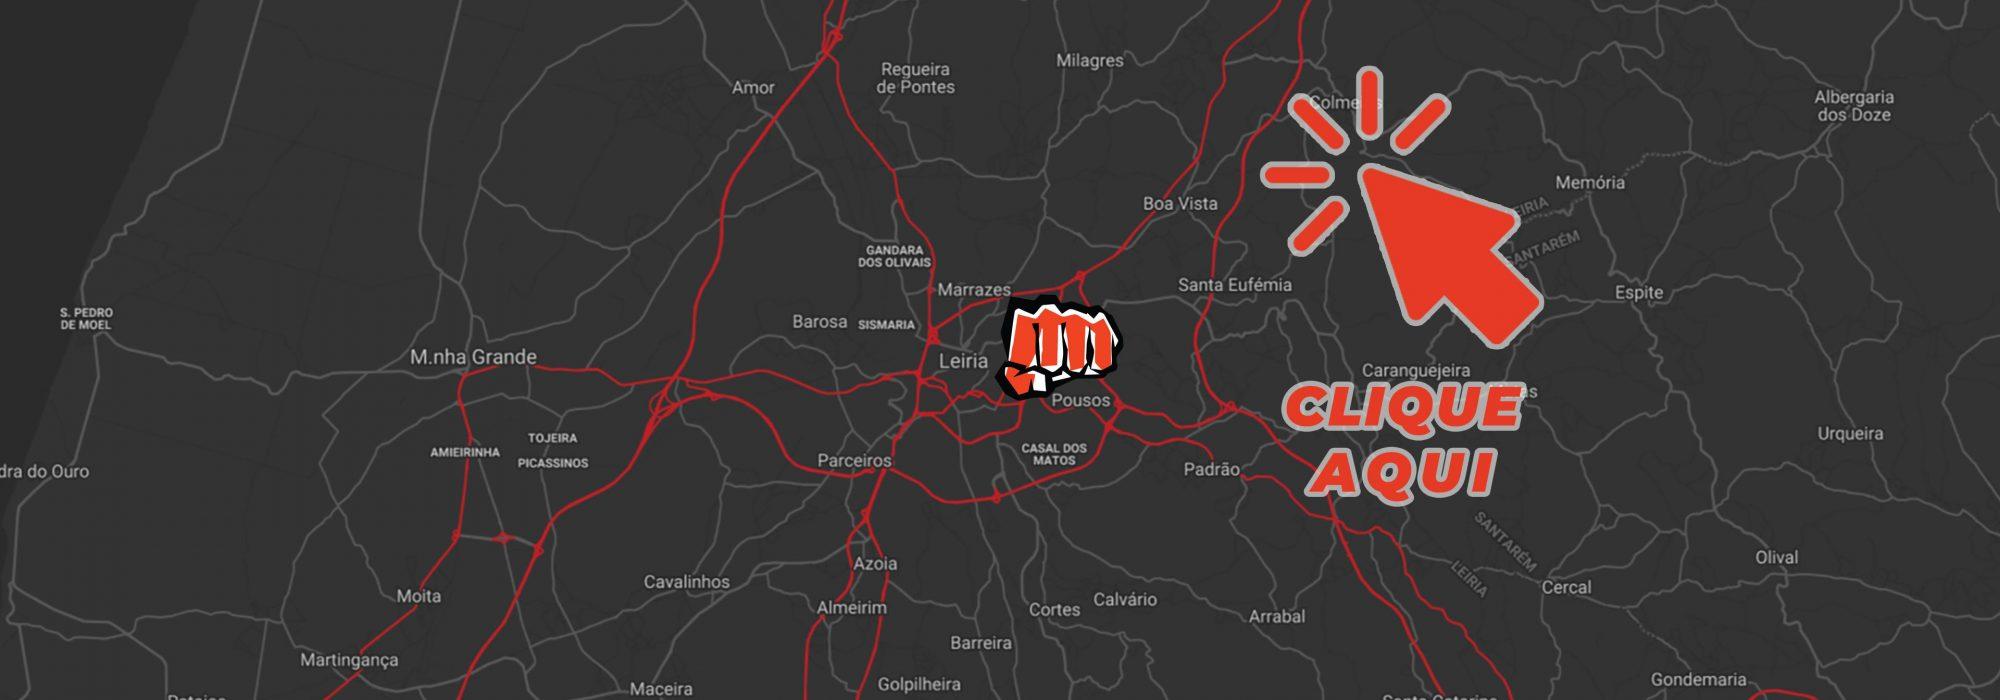 4k-map-leiria